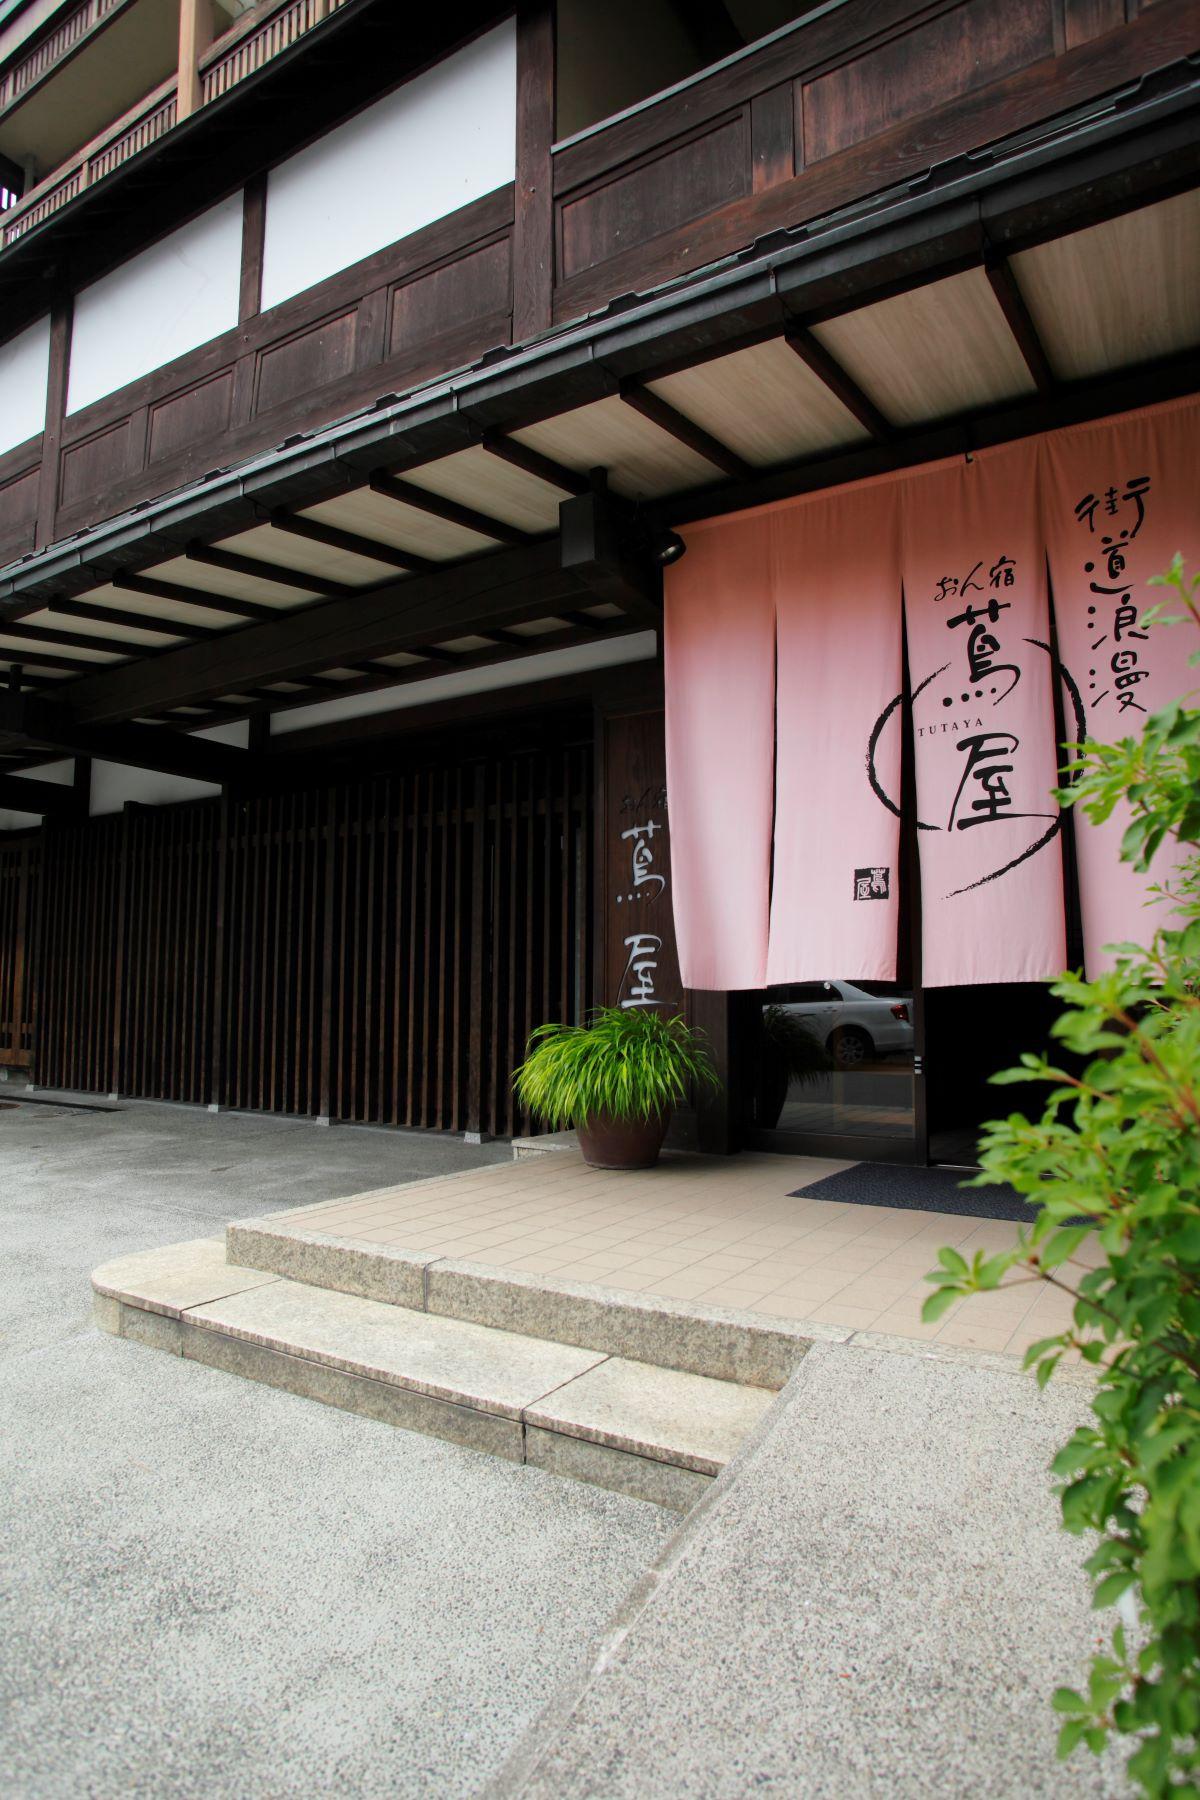 街道浪漫 おん宿 蔦屋(旧:つたやグランドホテル)